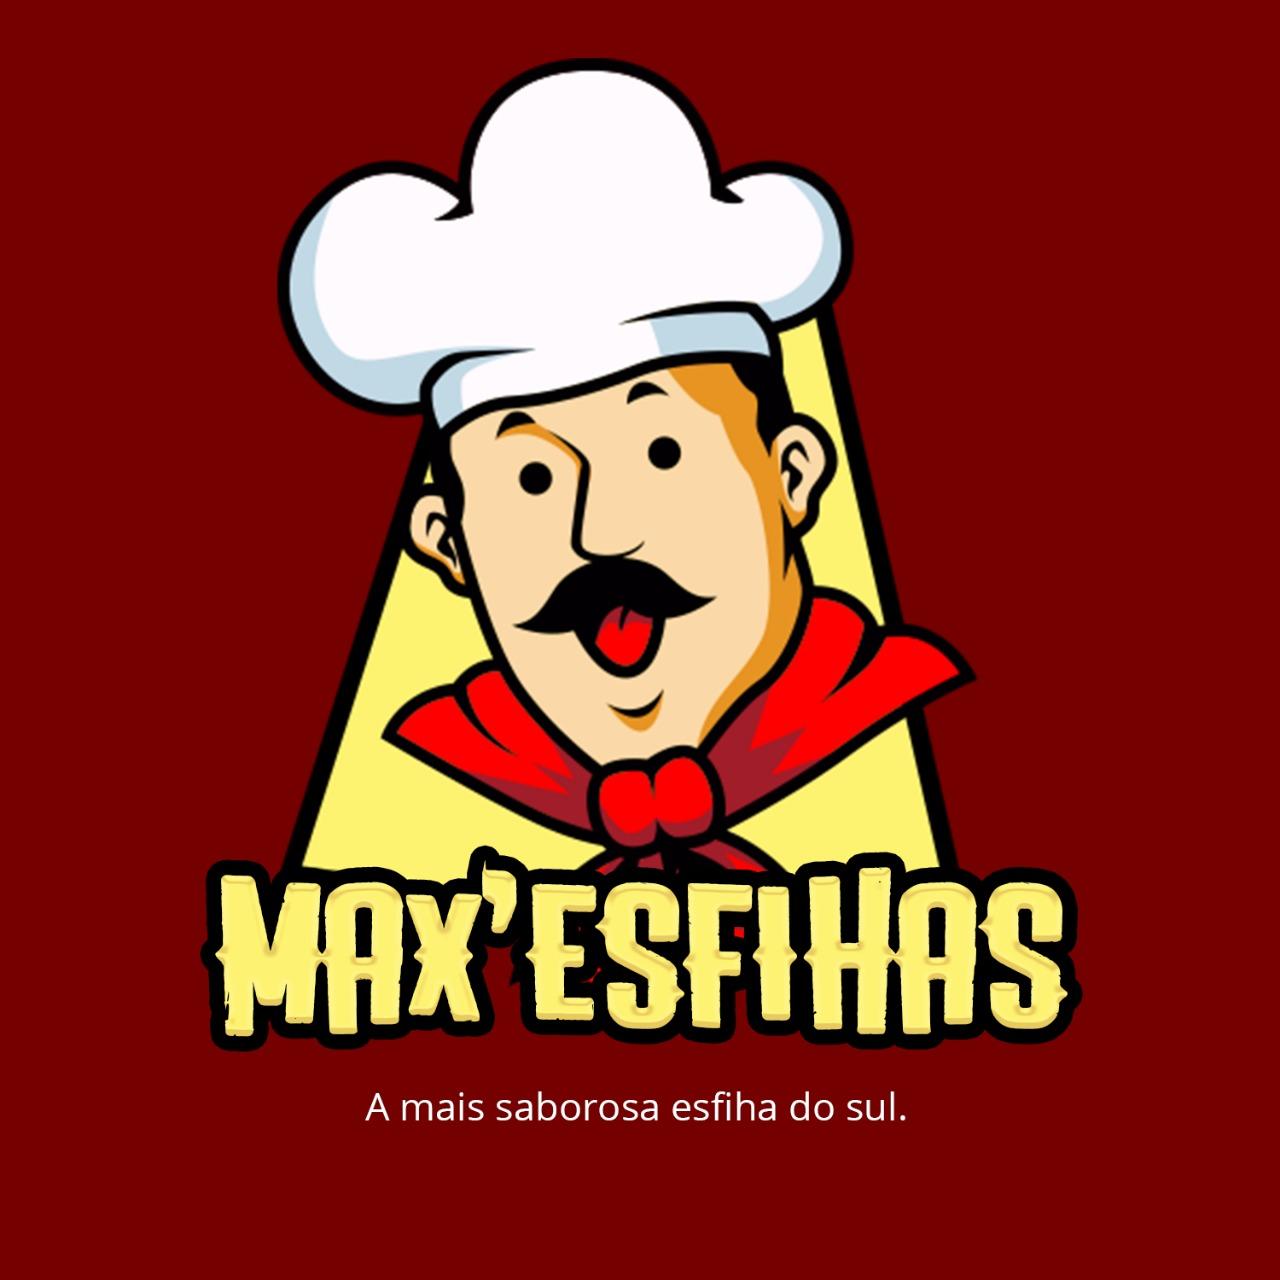 Max Esfihas